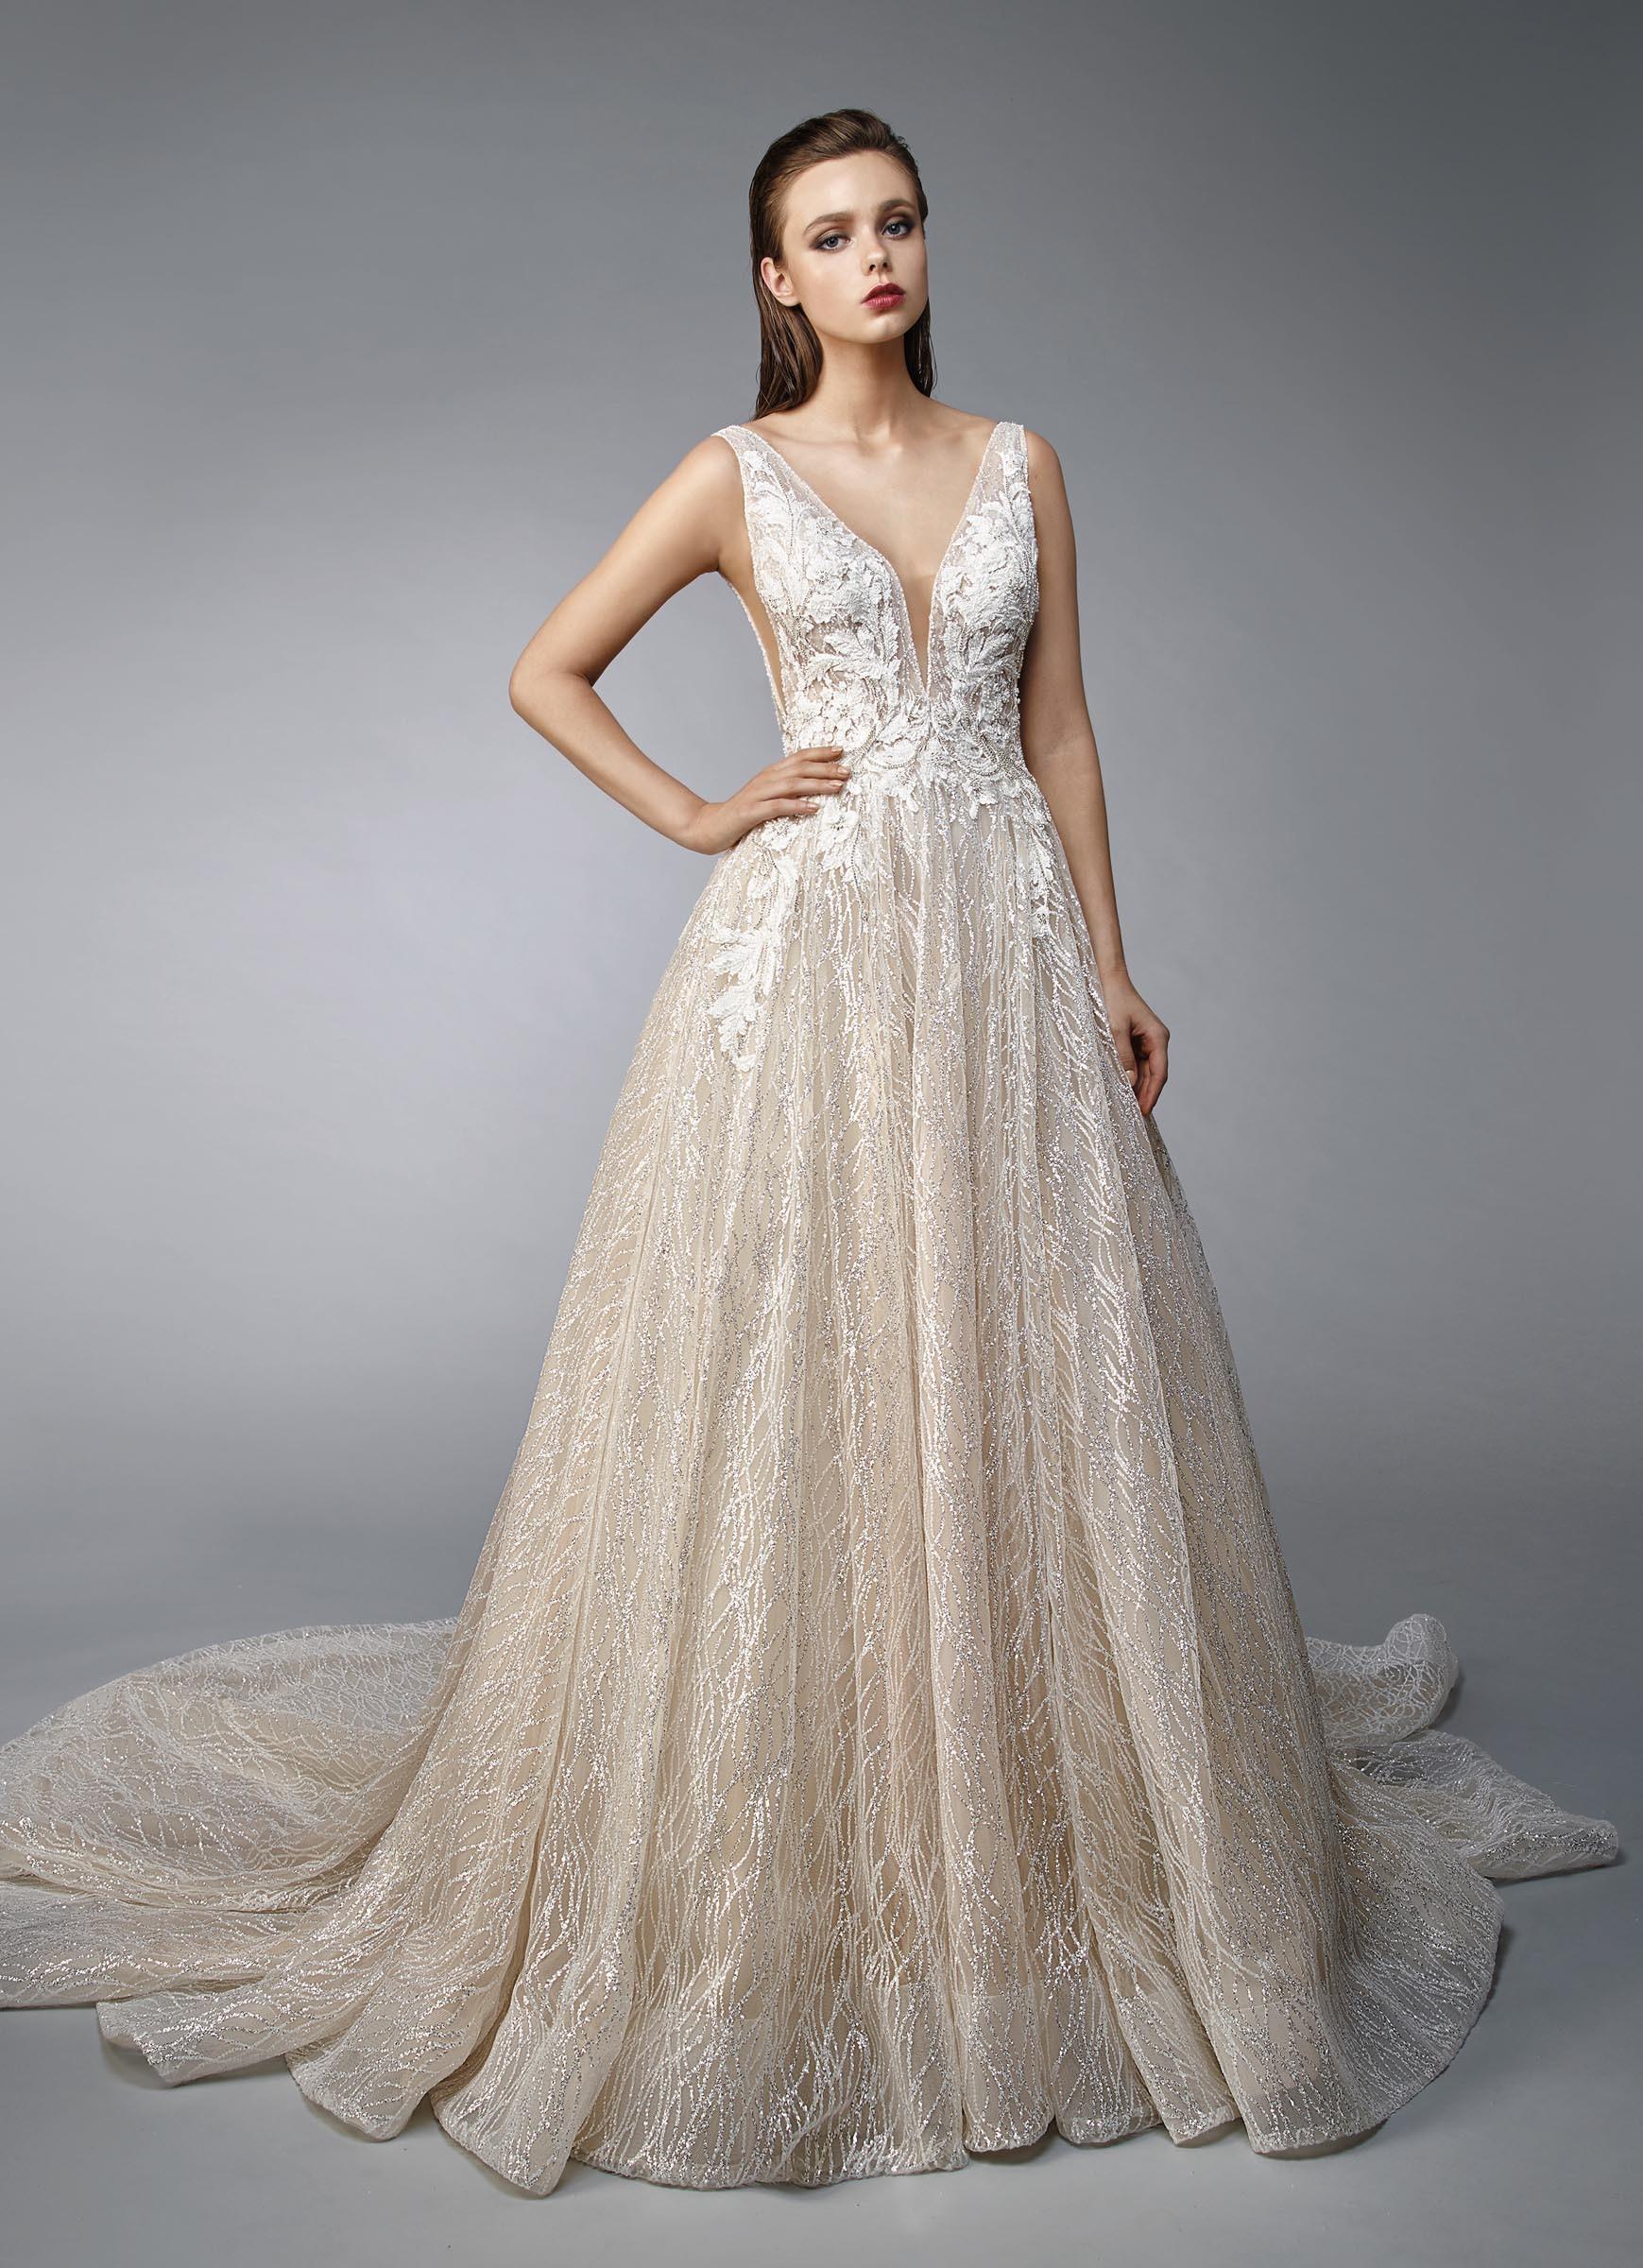 Goldenes Brautkleid im Prinzesschnitt mit cremefarbener